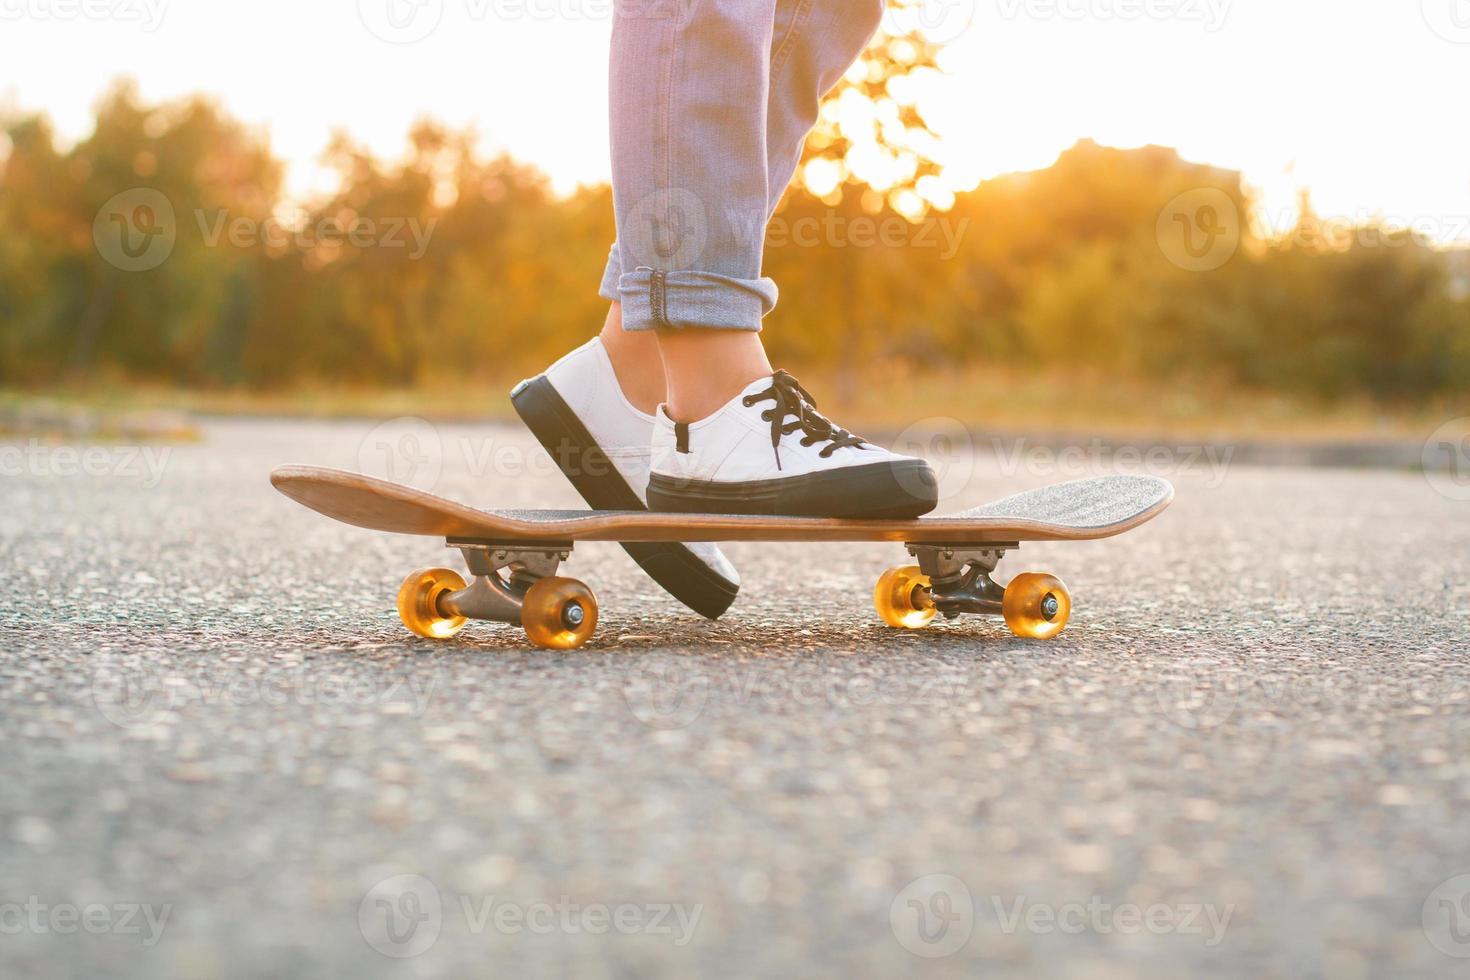 fille debout sur une planche à roulettes. pieds et planche à roulettes. photo